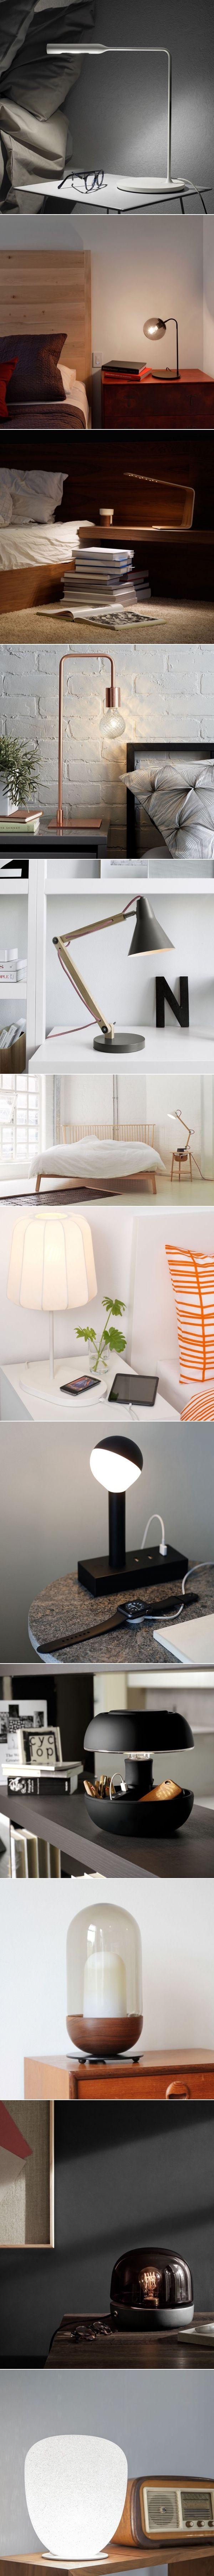 Les 2862 meilleures images du tableau Lamps sur Pinterest